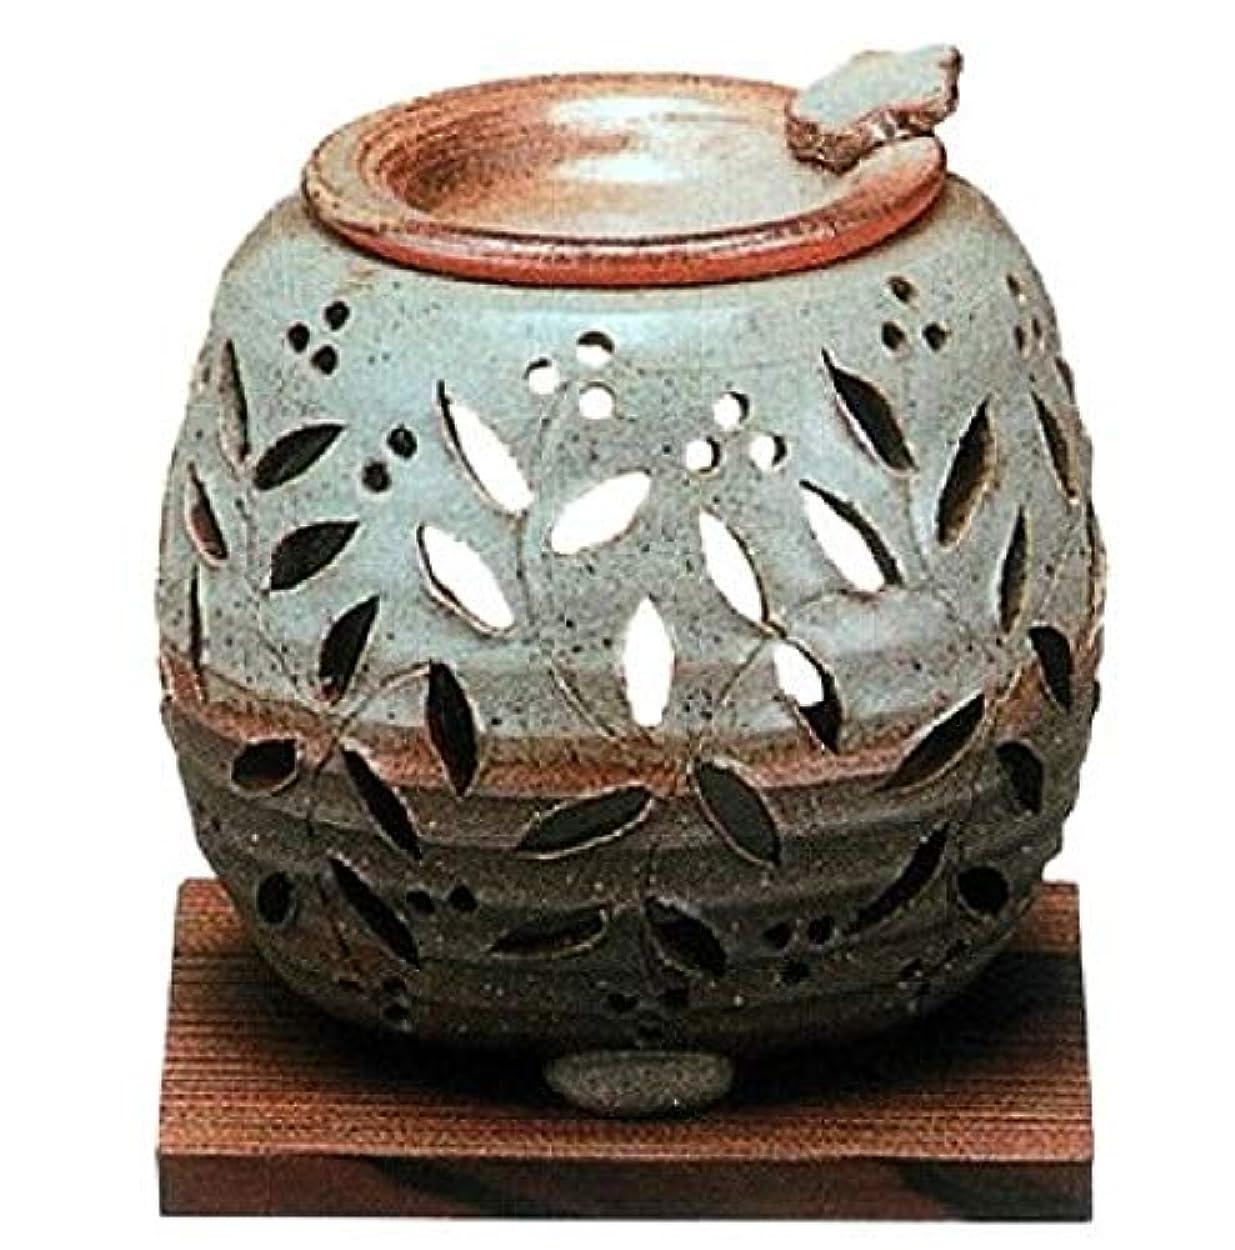 成長する血統壁紙常滑焼 3-829 石龍緑灰釉花透かし彫り茶香炉 石龍φ11×H11㎝